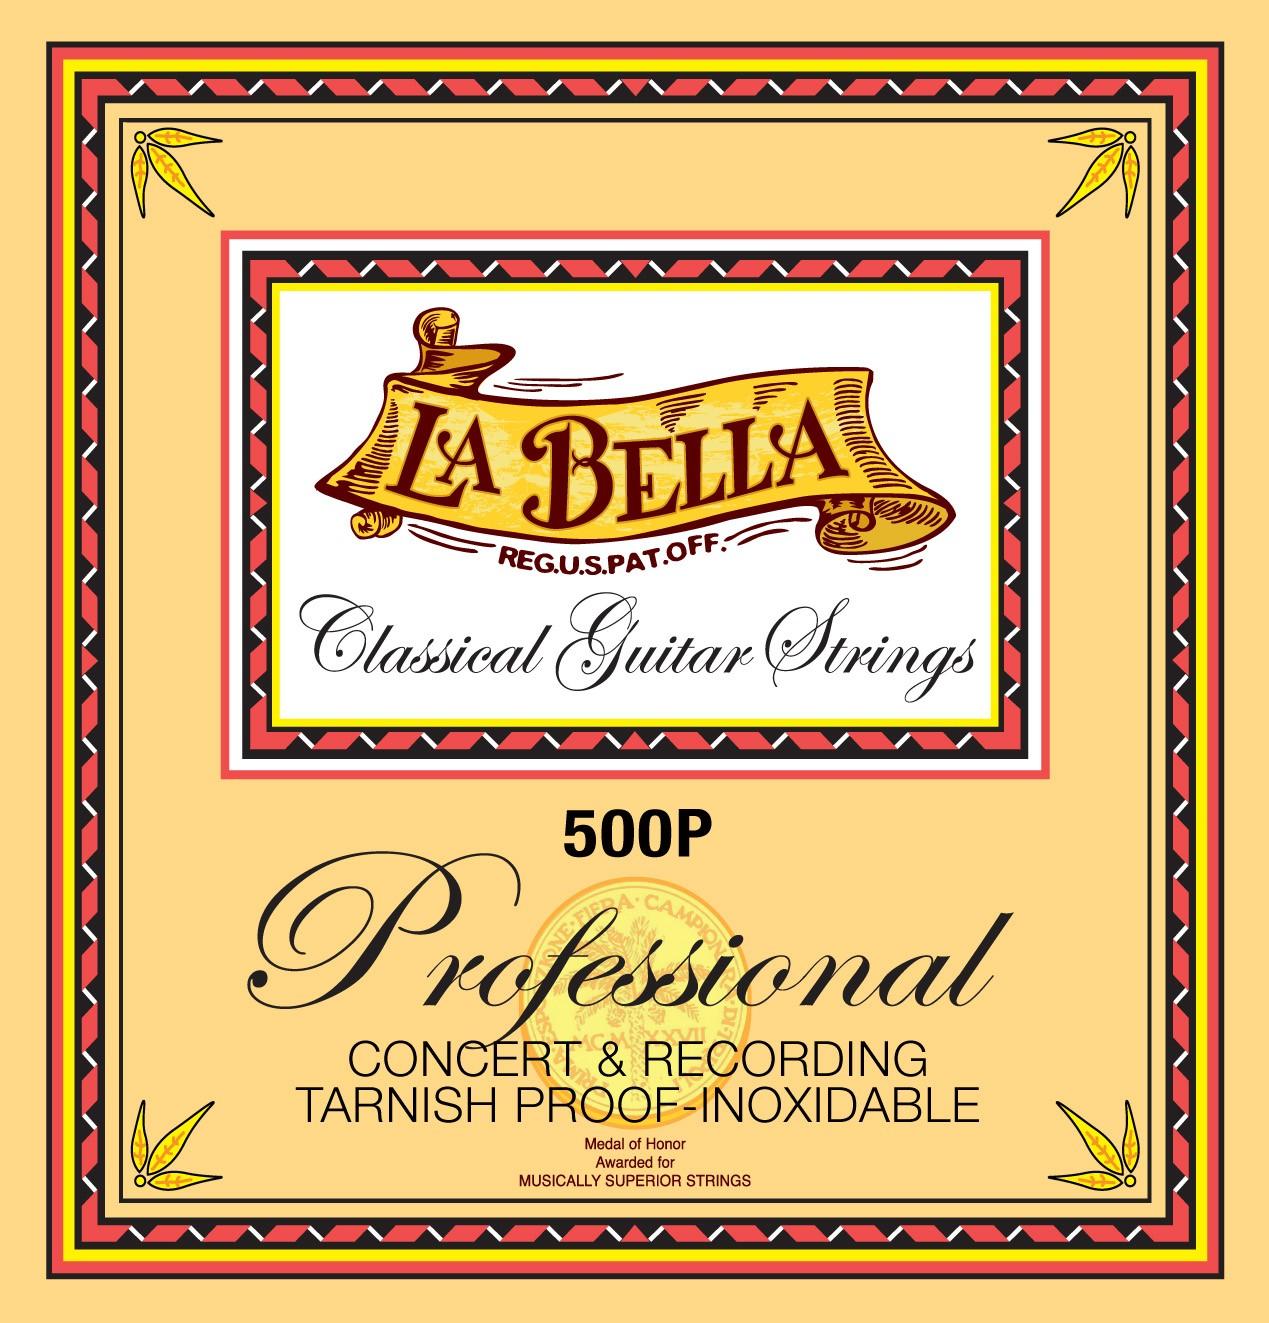 La Bella Classical Guitar Strings - Professional Series